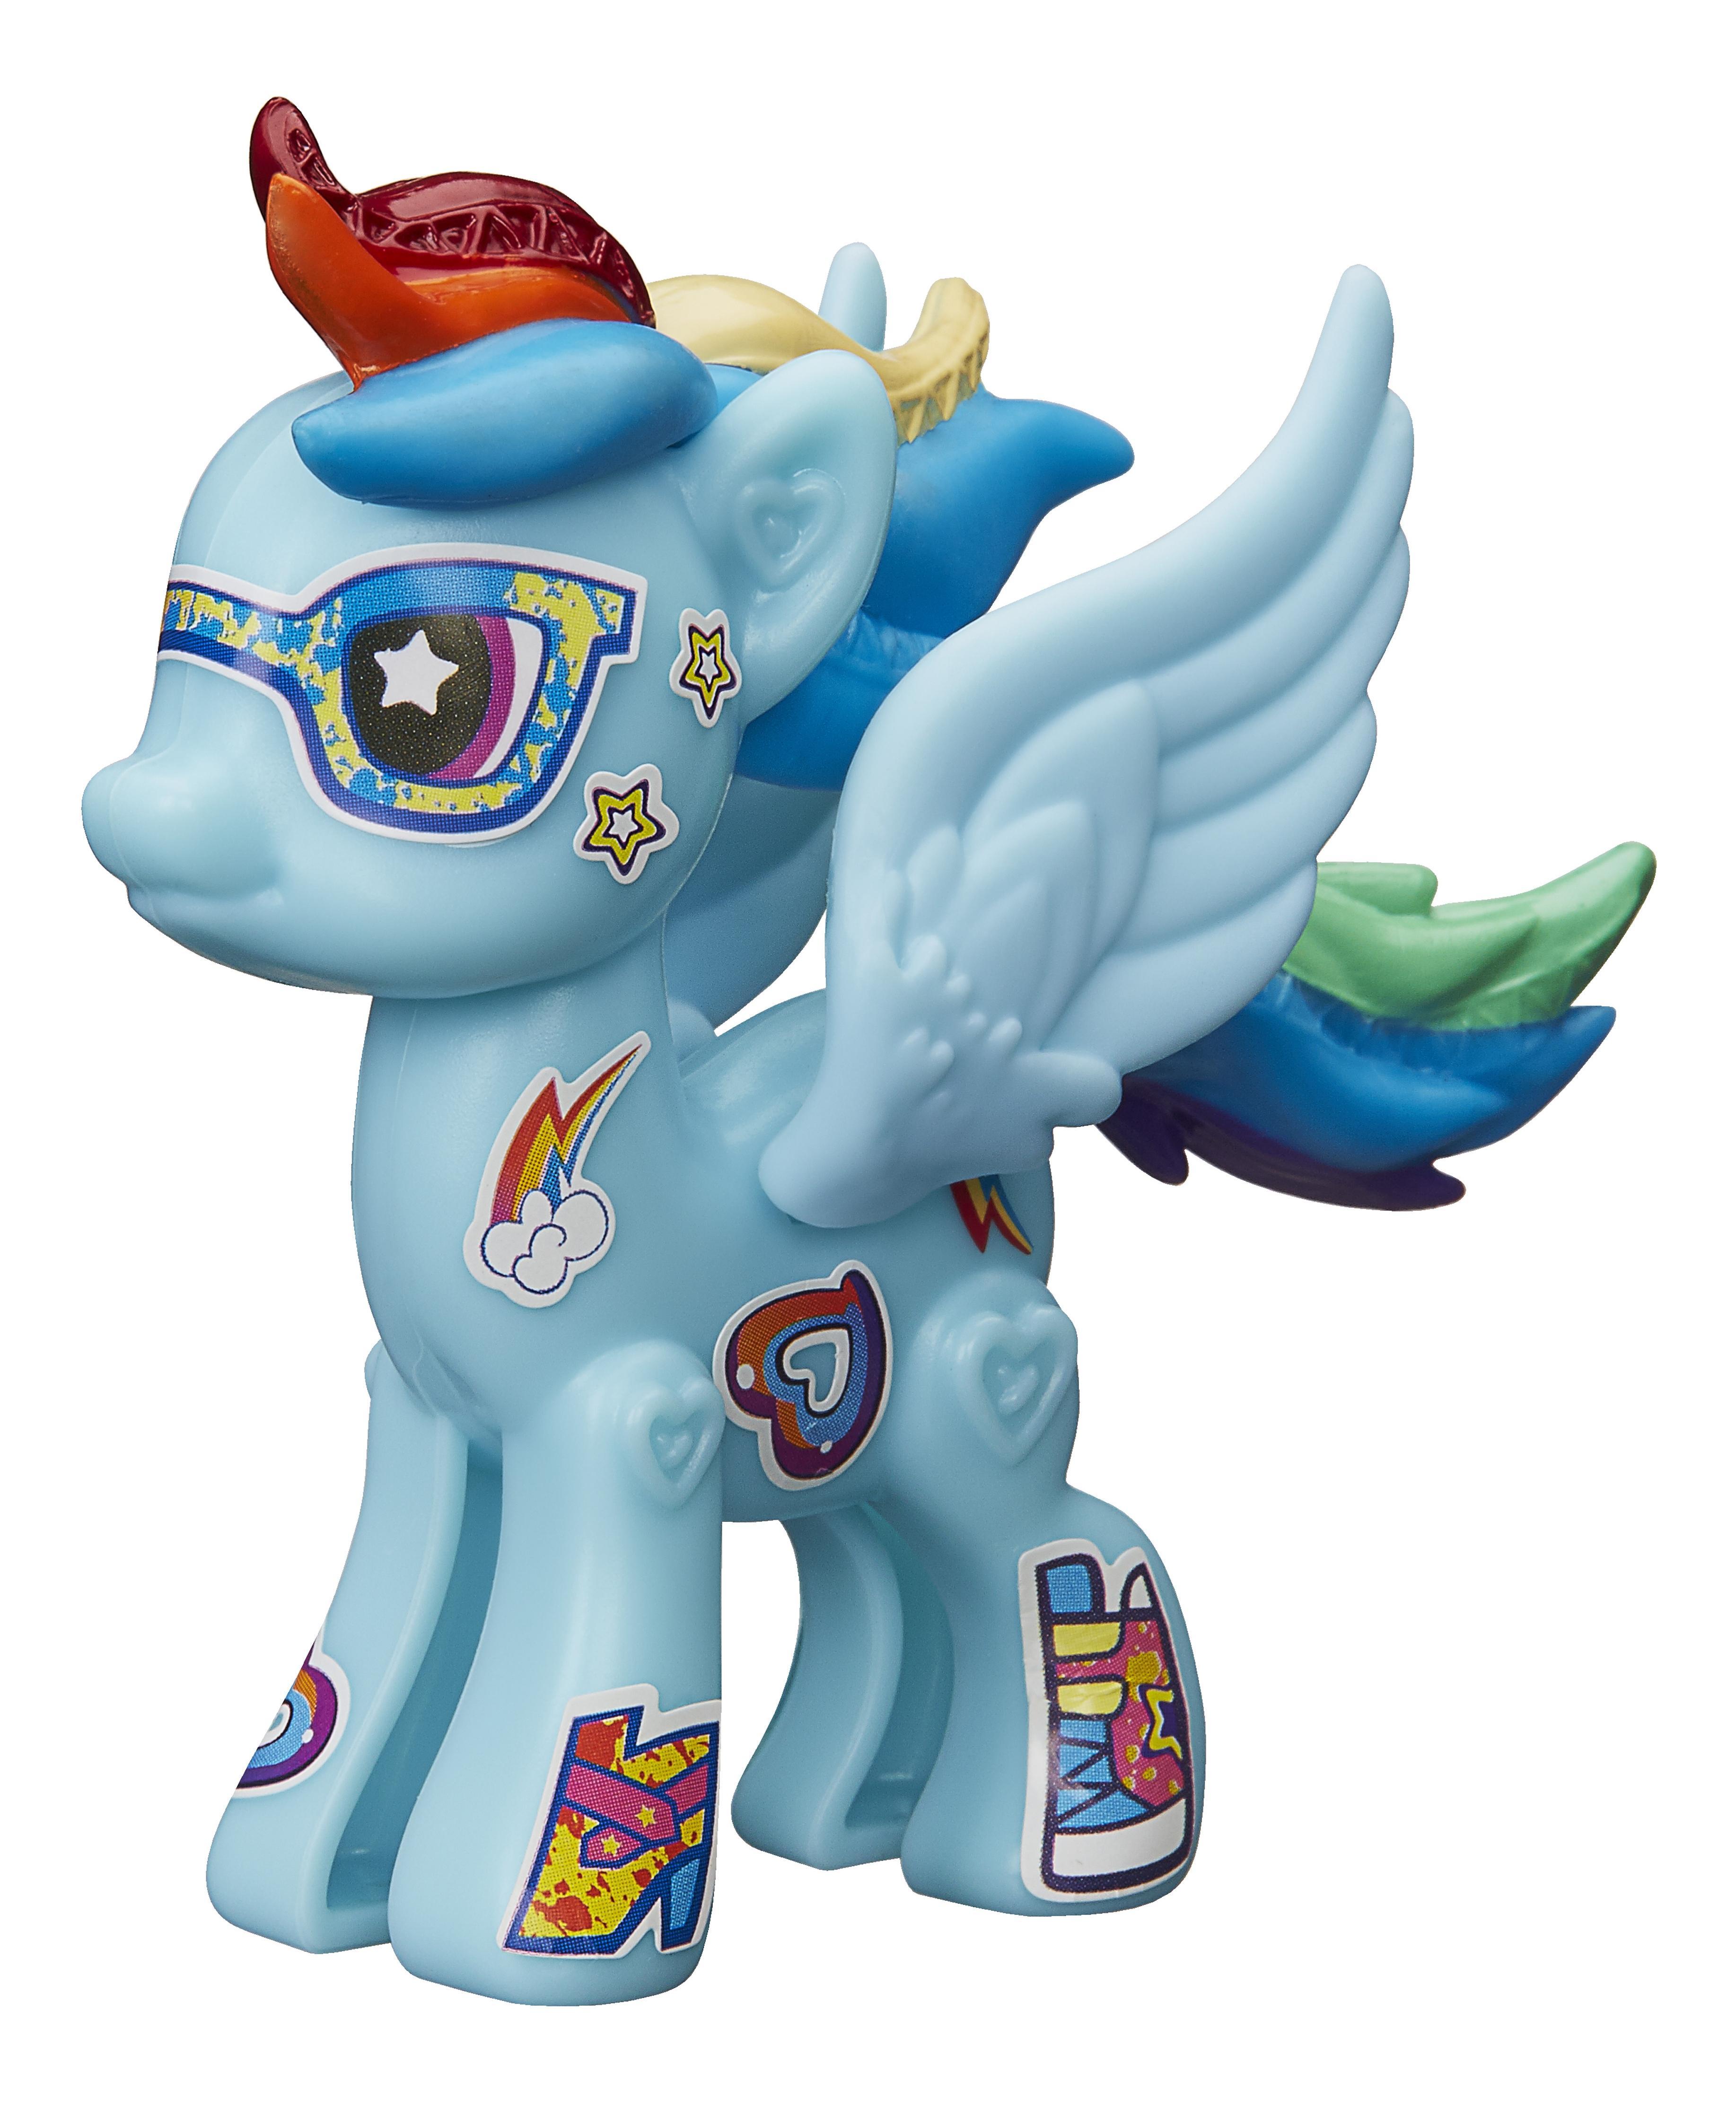 Mlp базовая пони создай свою пони b3592 b5105, My little Pony, Игровые наборы  - купить со скидкой